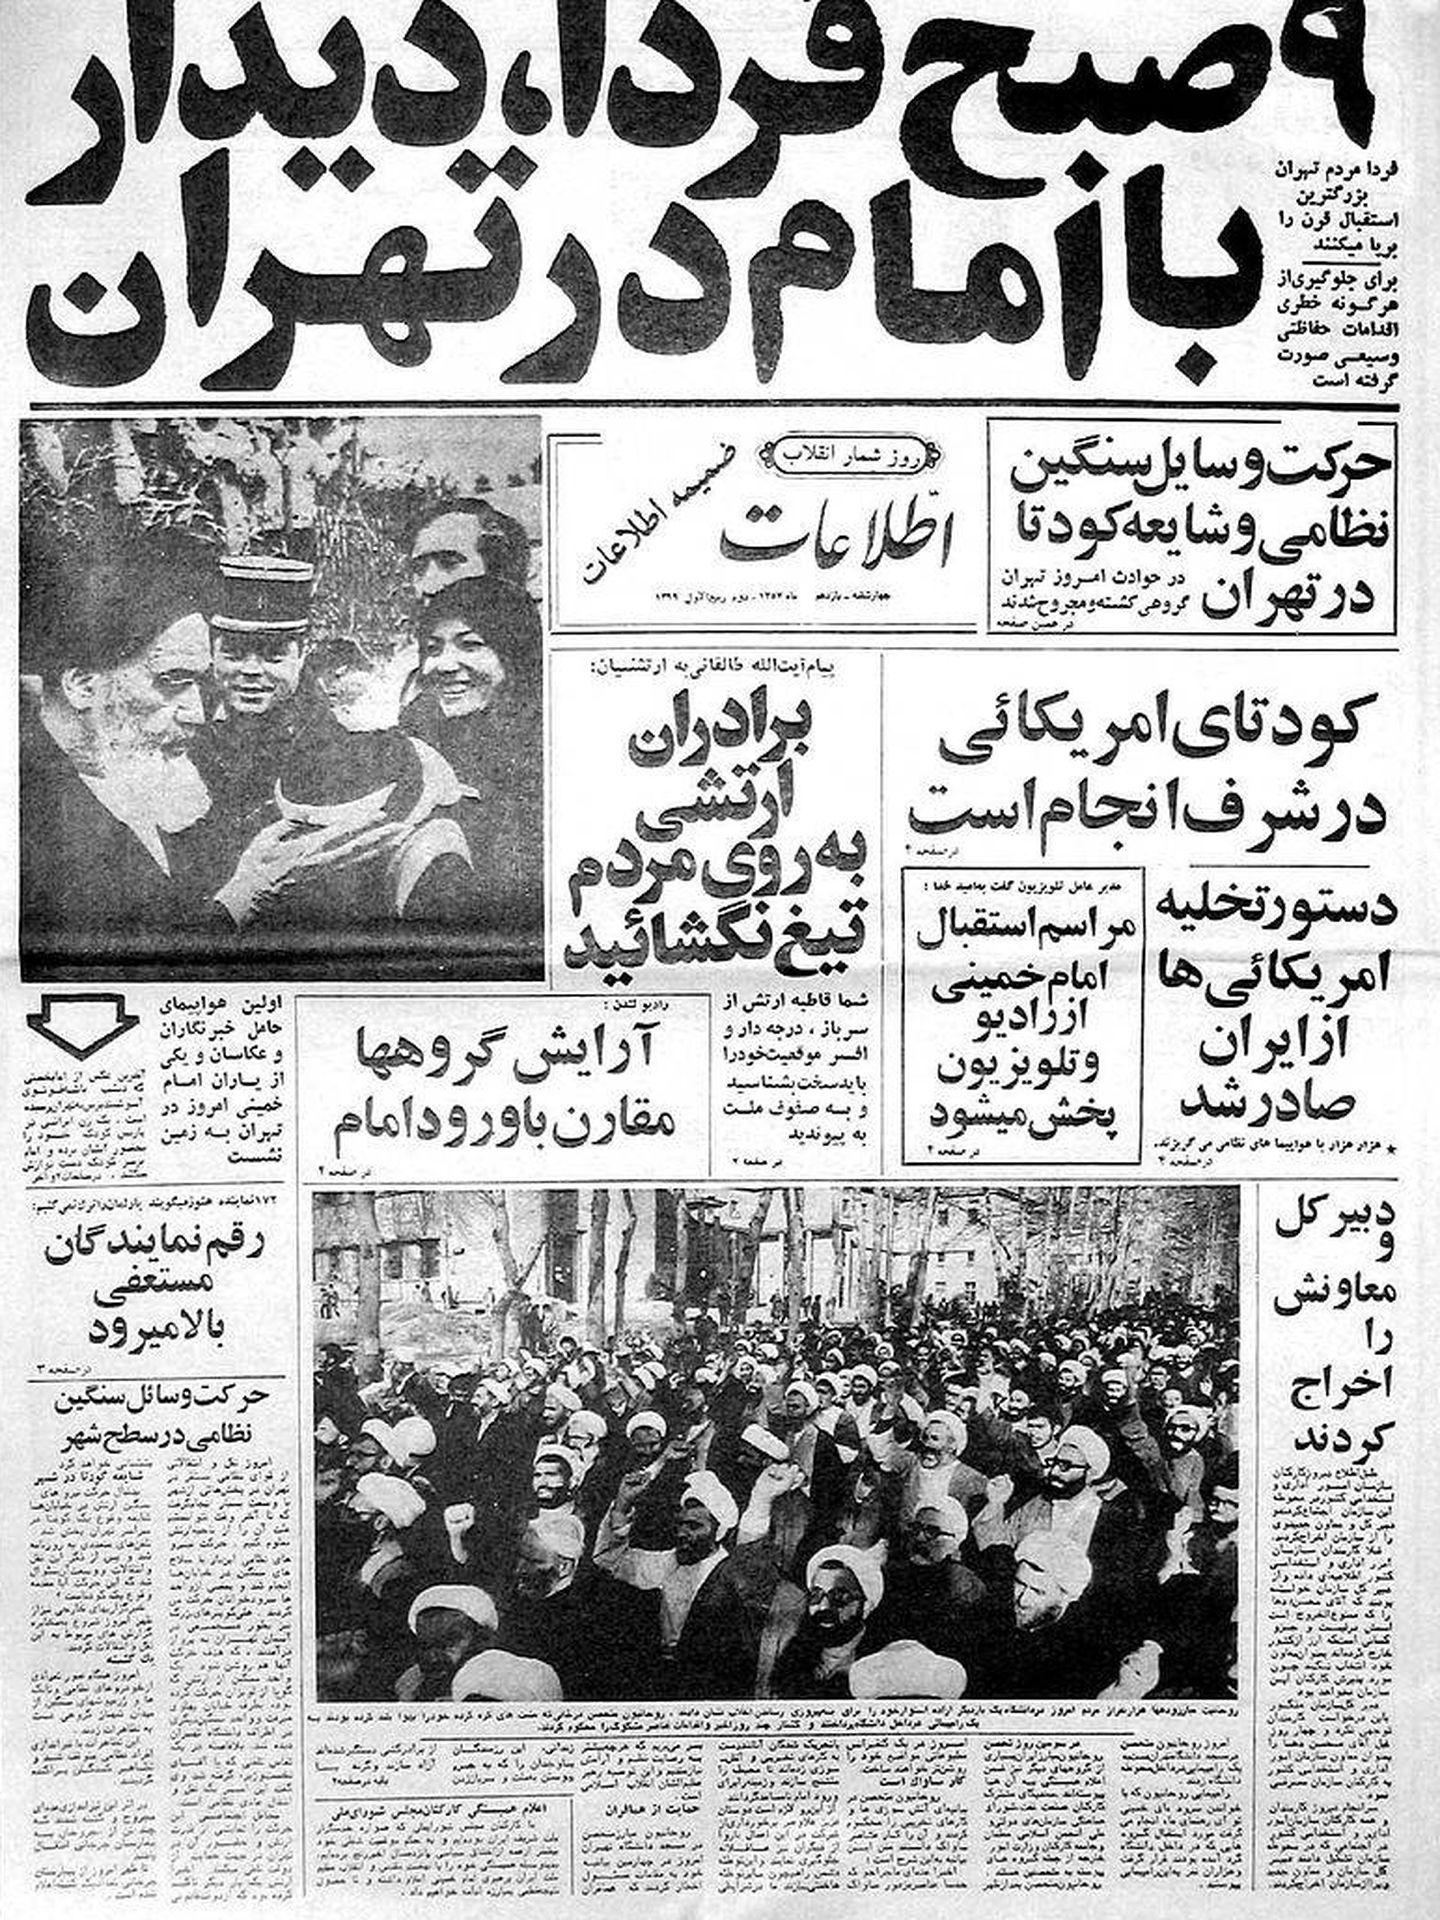 Portada del periódico persa 'Ettela'at' del 11 de febrero de 1979